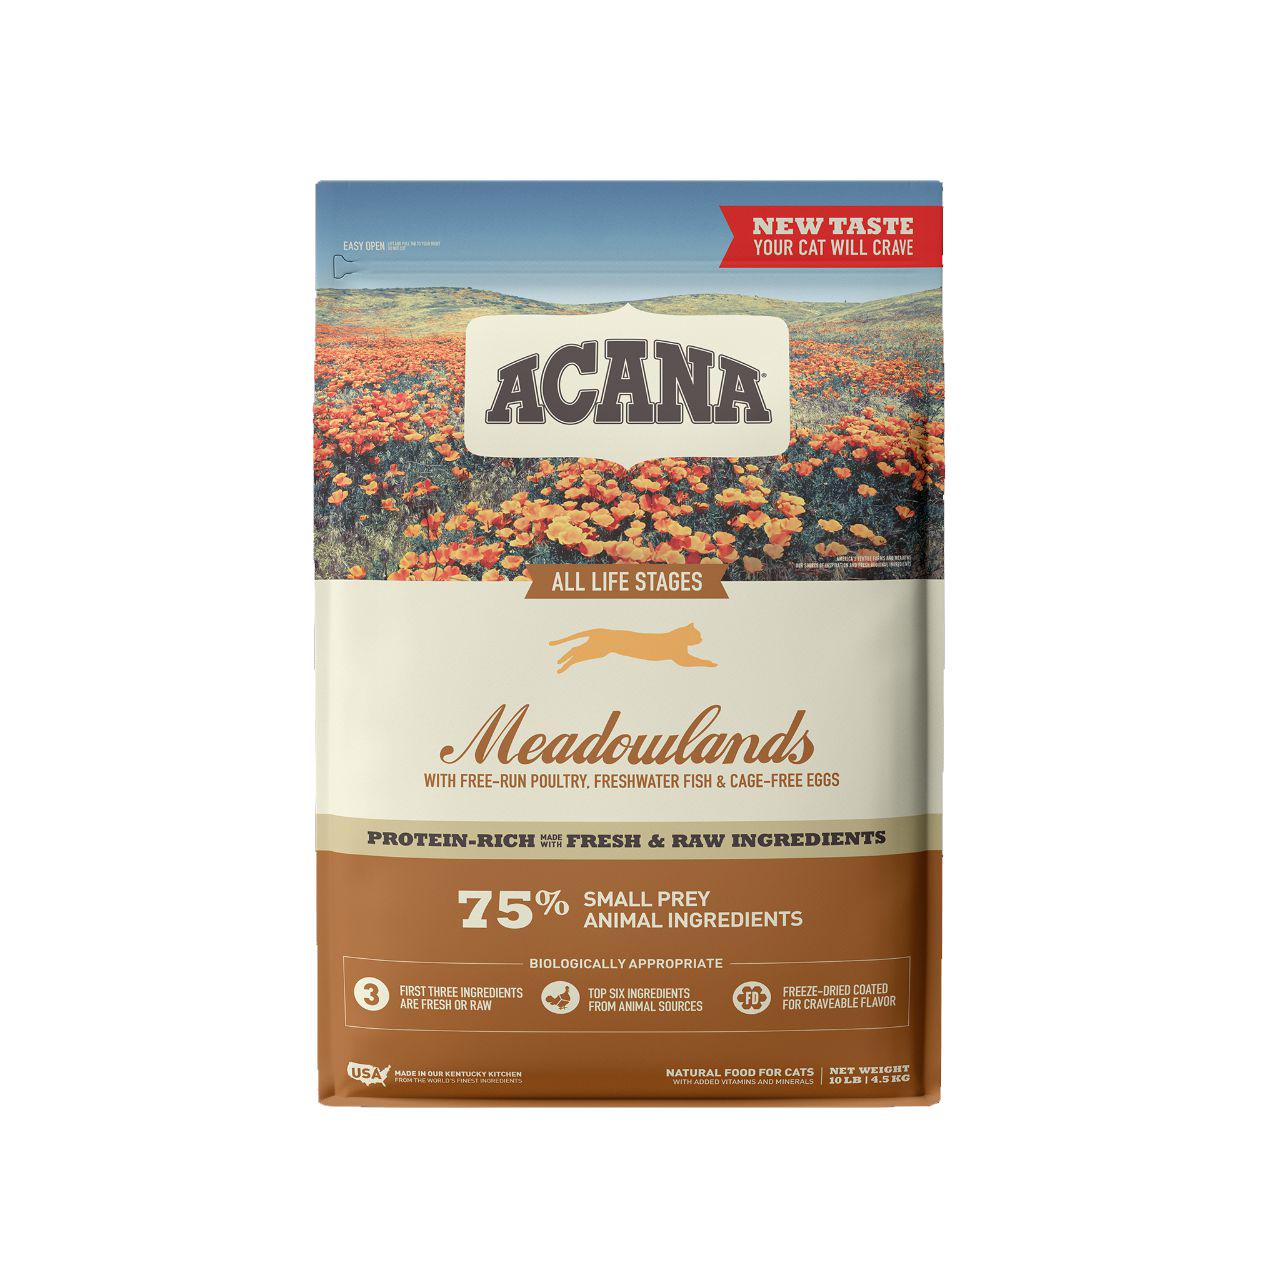 ACANA Meadowlands Dry Cat Food, 10-lb bag